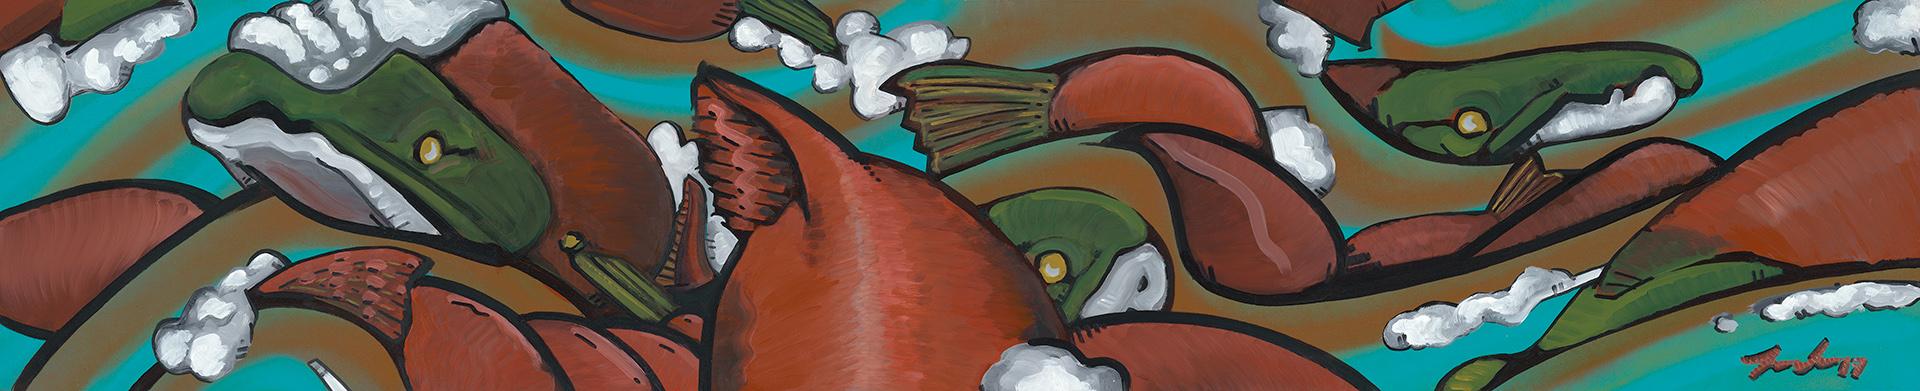 18540 Josh 1 - Salmon Spawn rv3 WEB.jpg